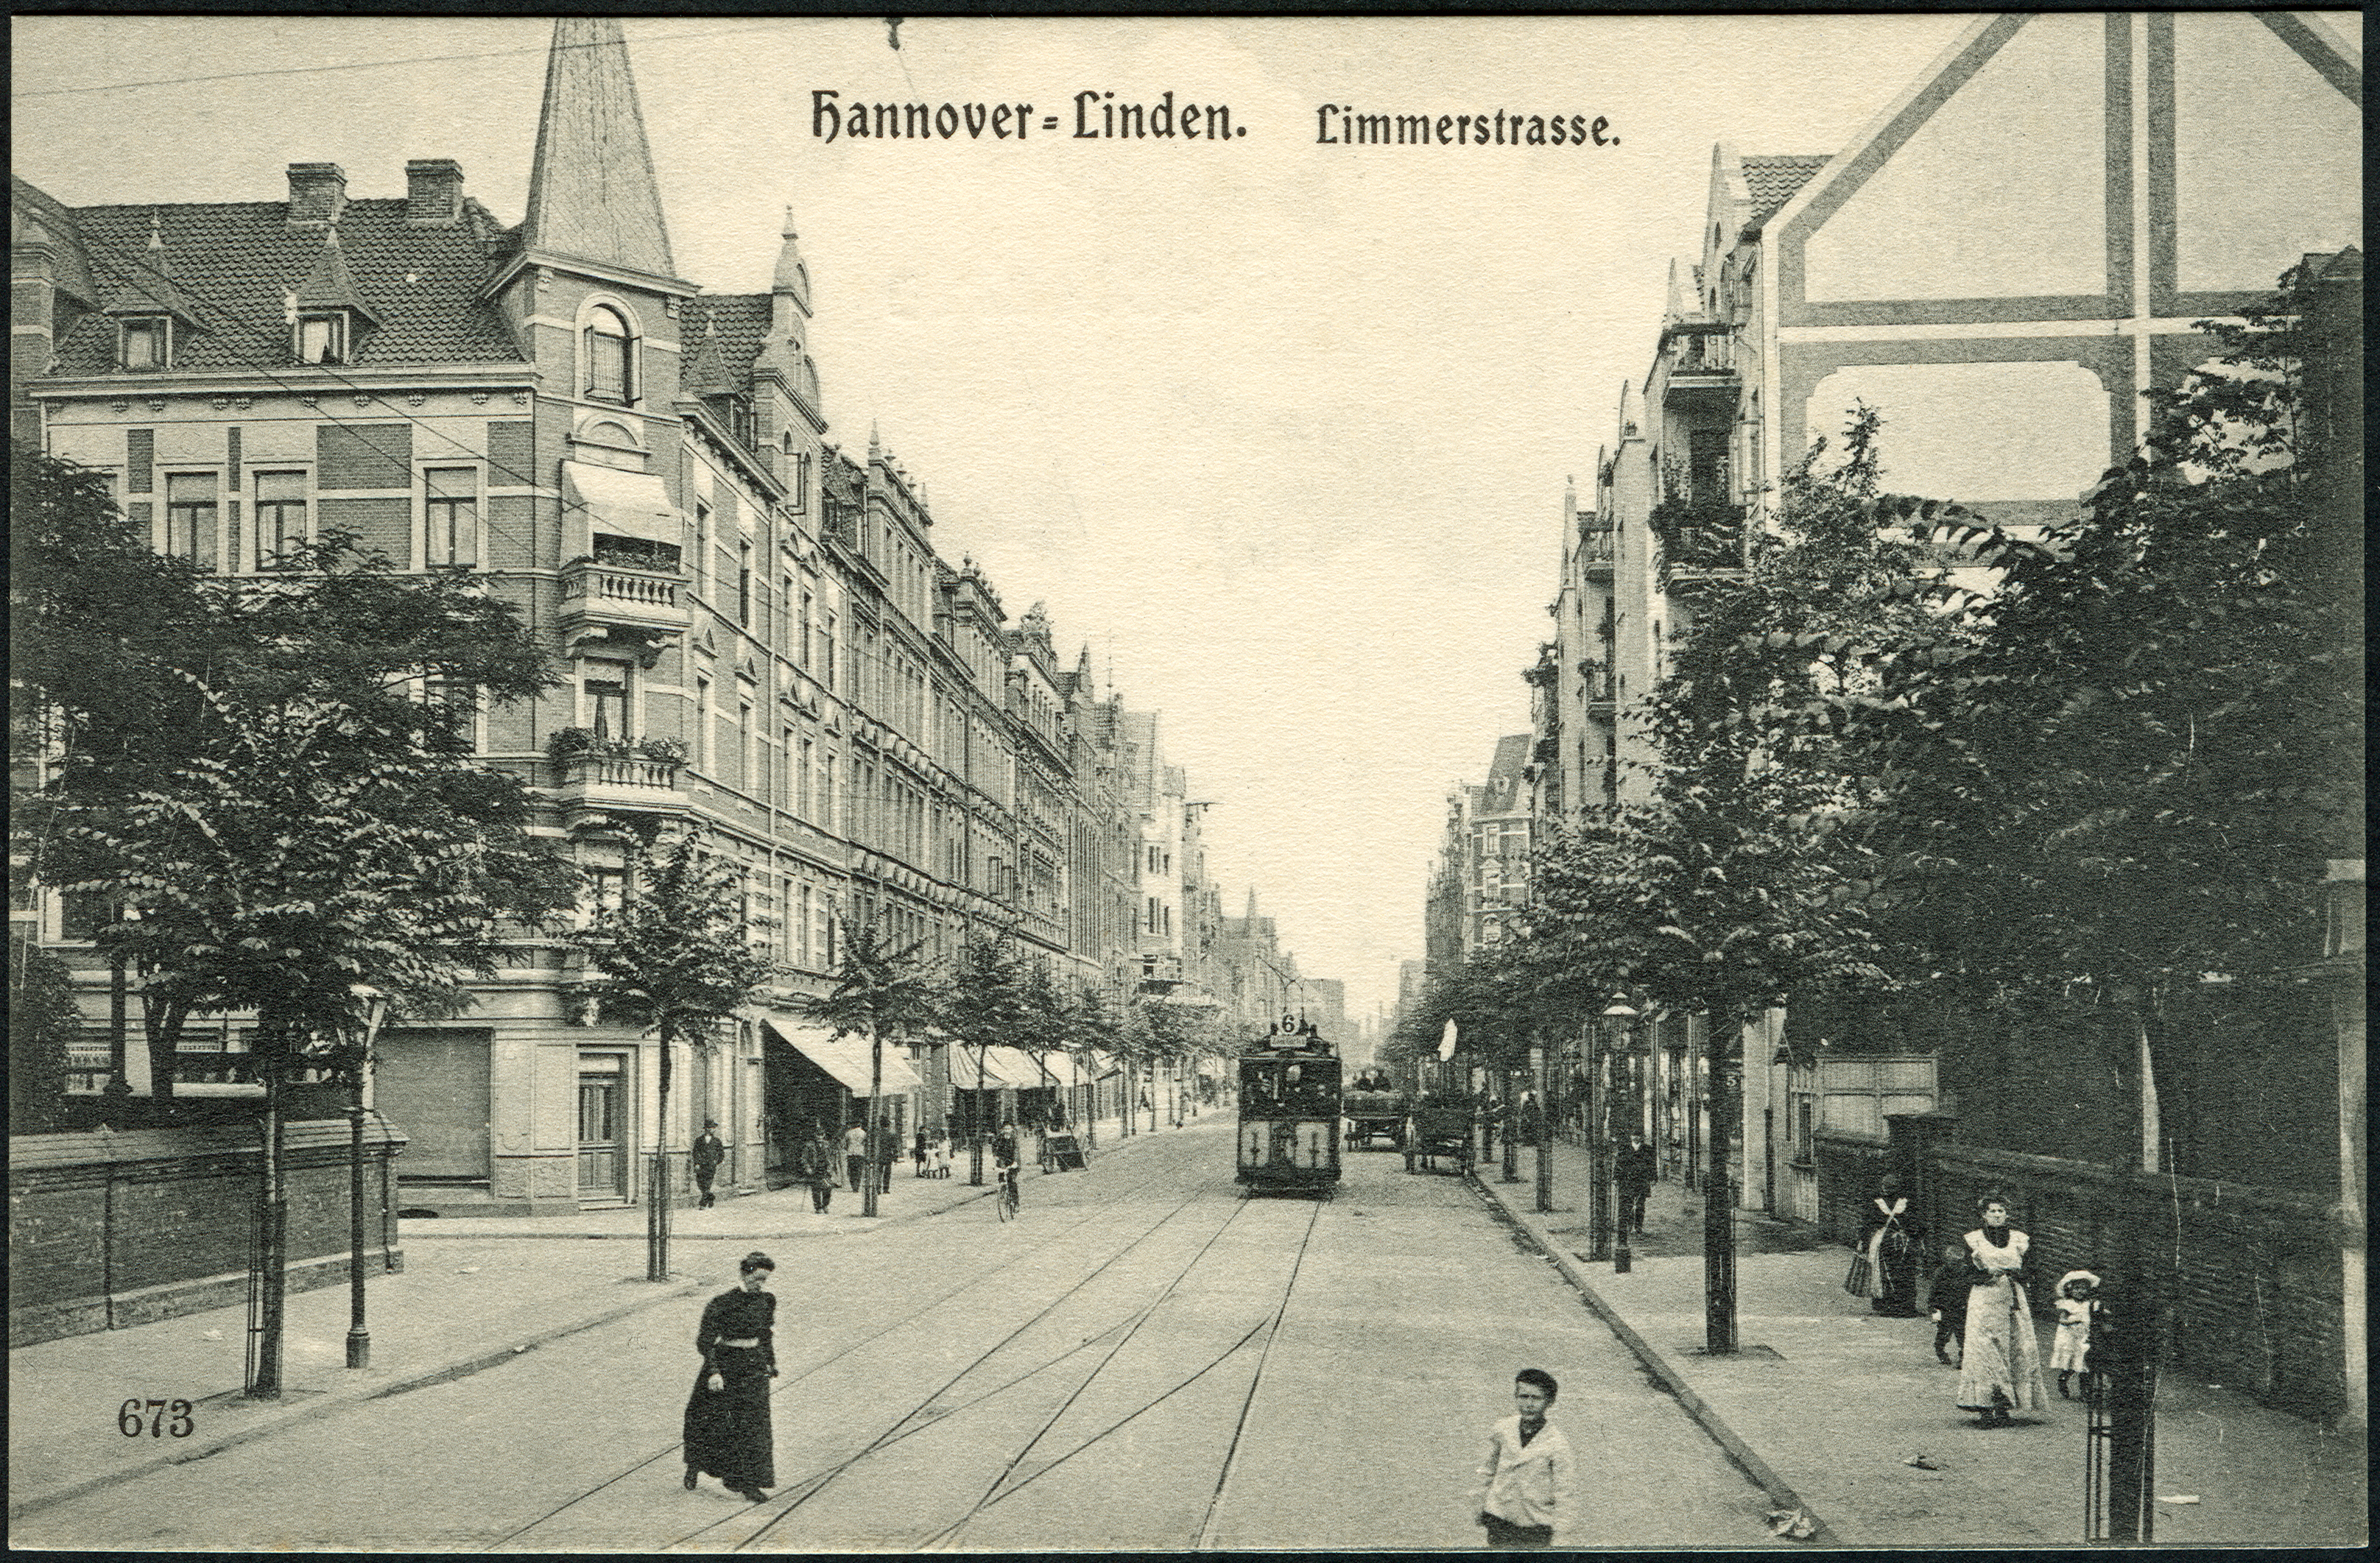 File:Anonymer Fotograf PC 0673 Hannover-Linden. Limmerstrasse ...